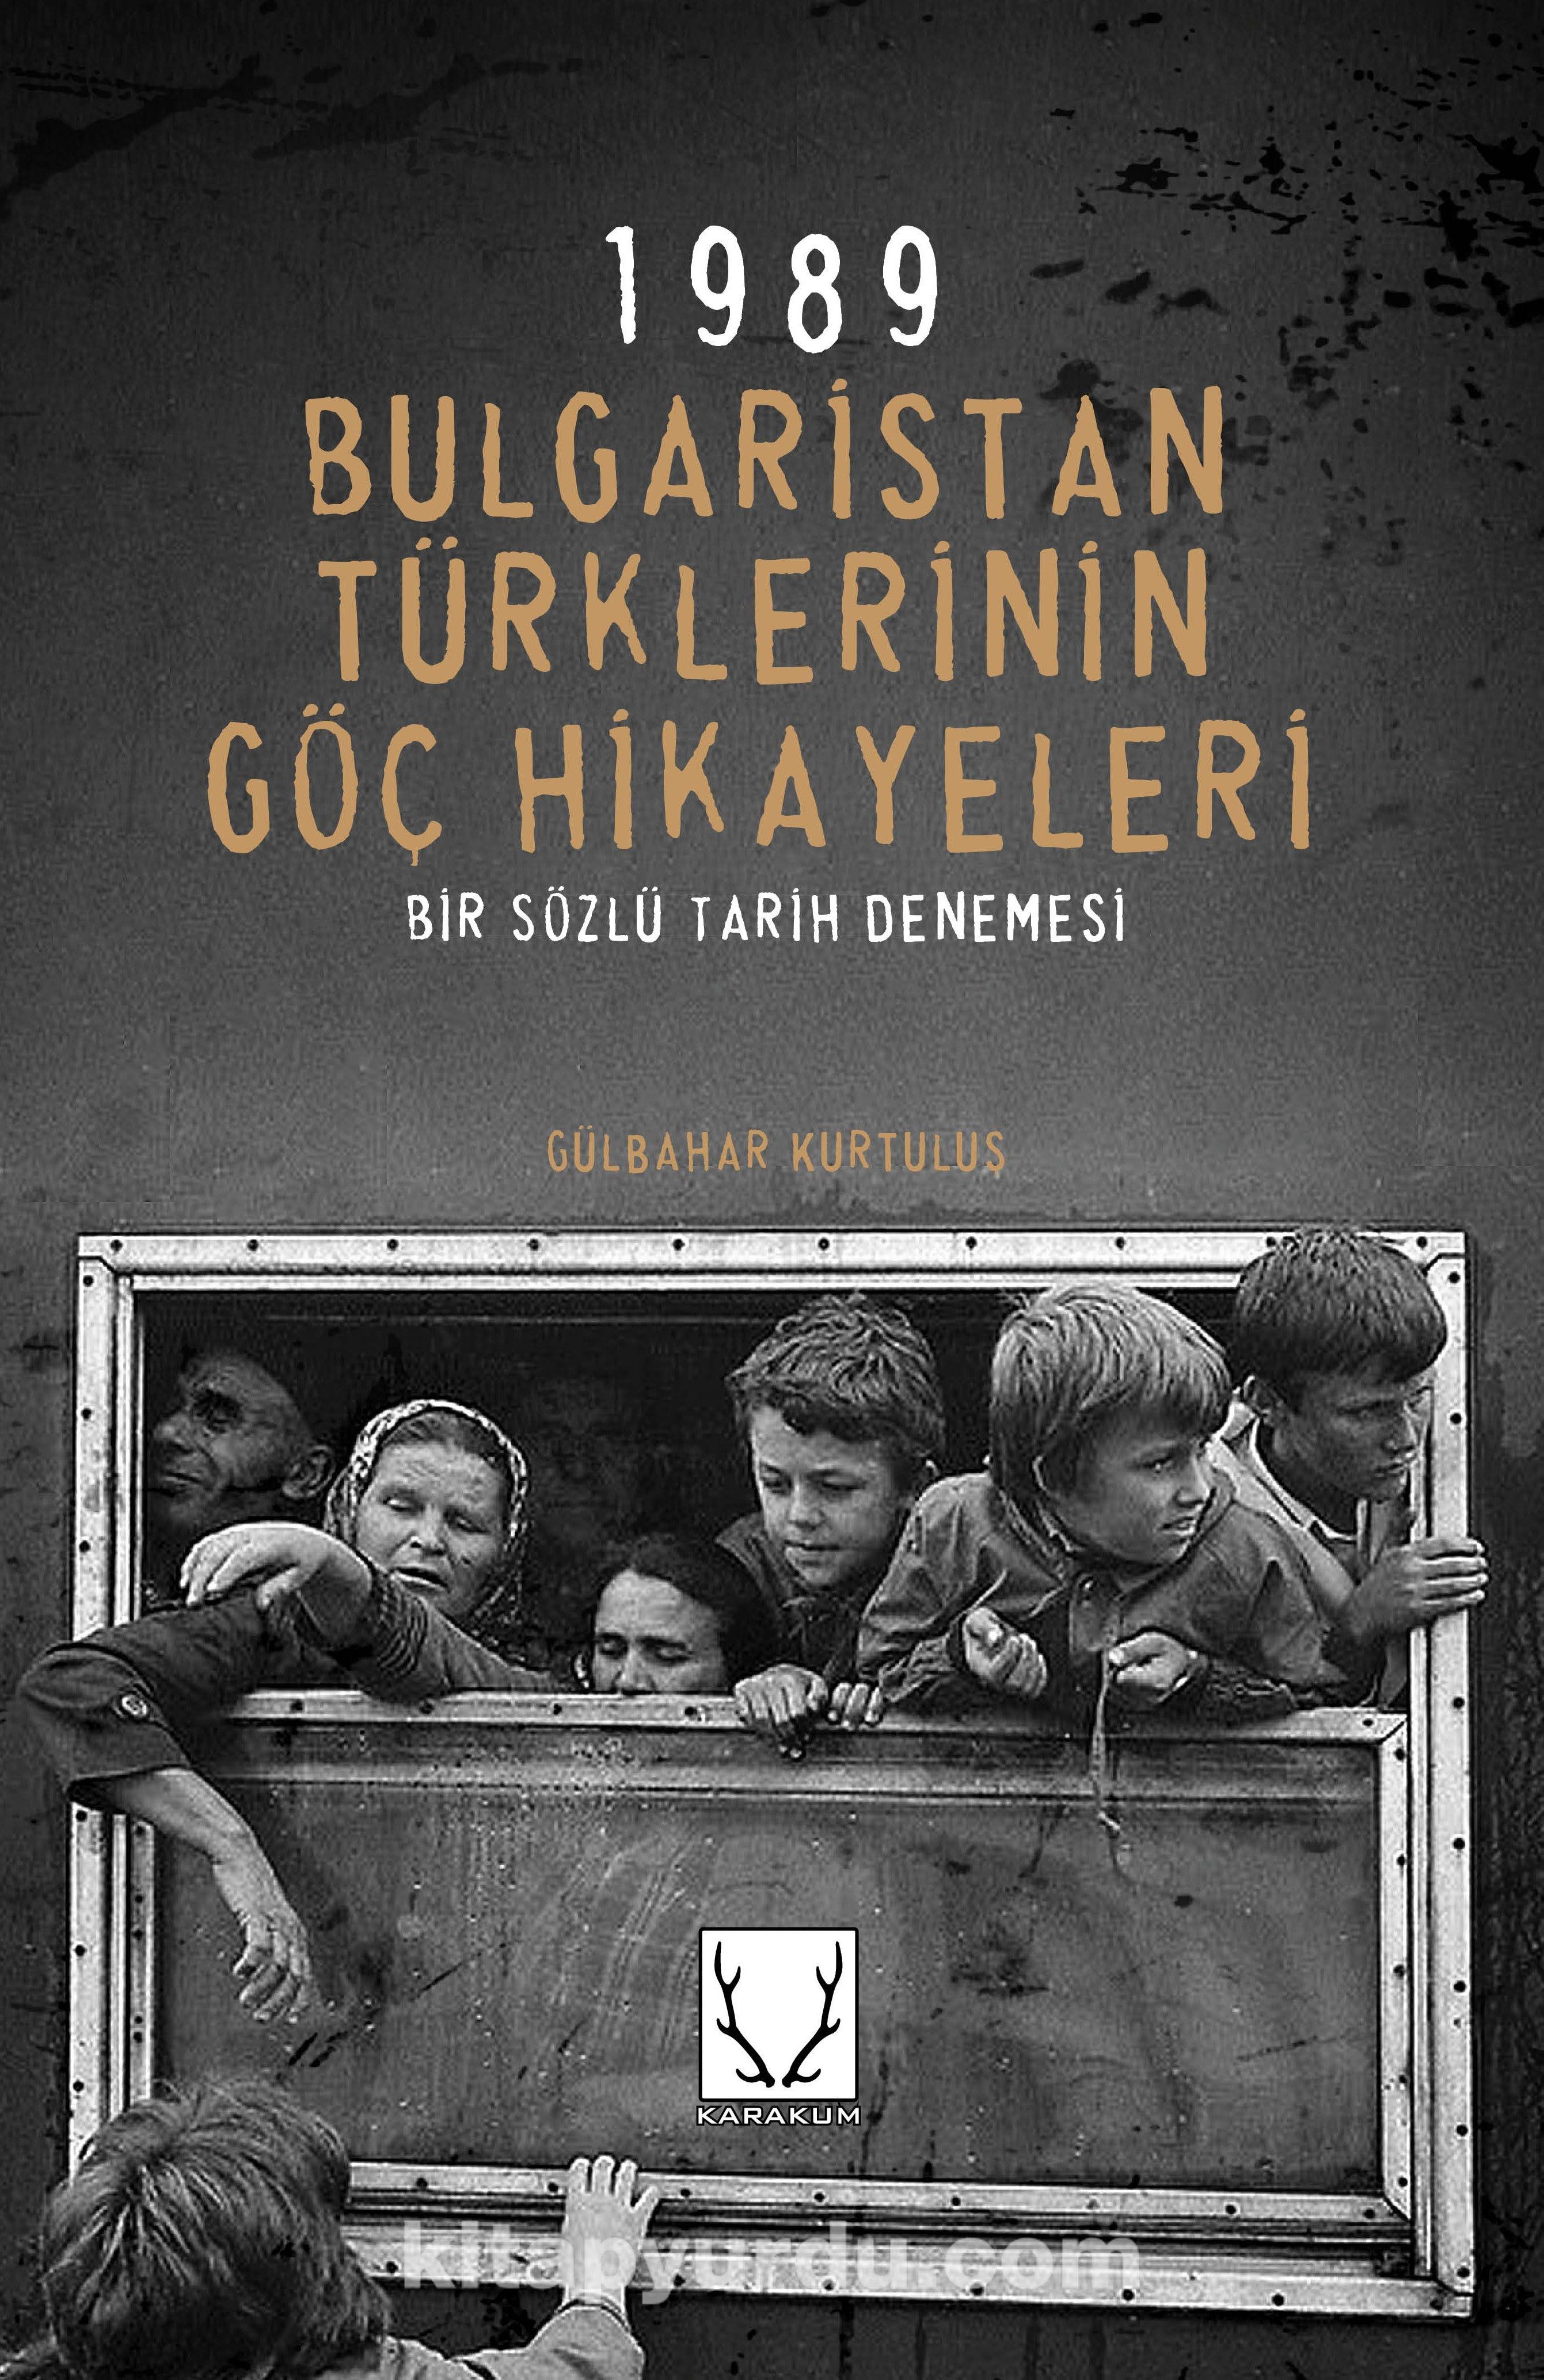 1989 Bulgaristan Türklerinin Göç Hikayeleri - Gülbahar Kurtuluş pdf epub